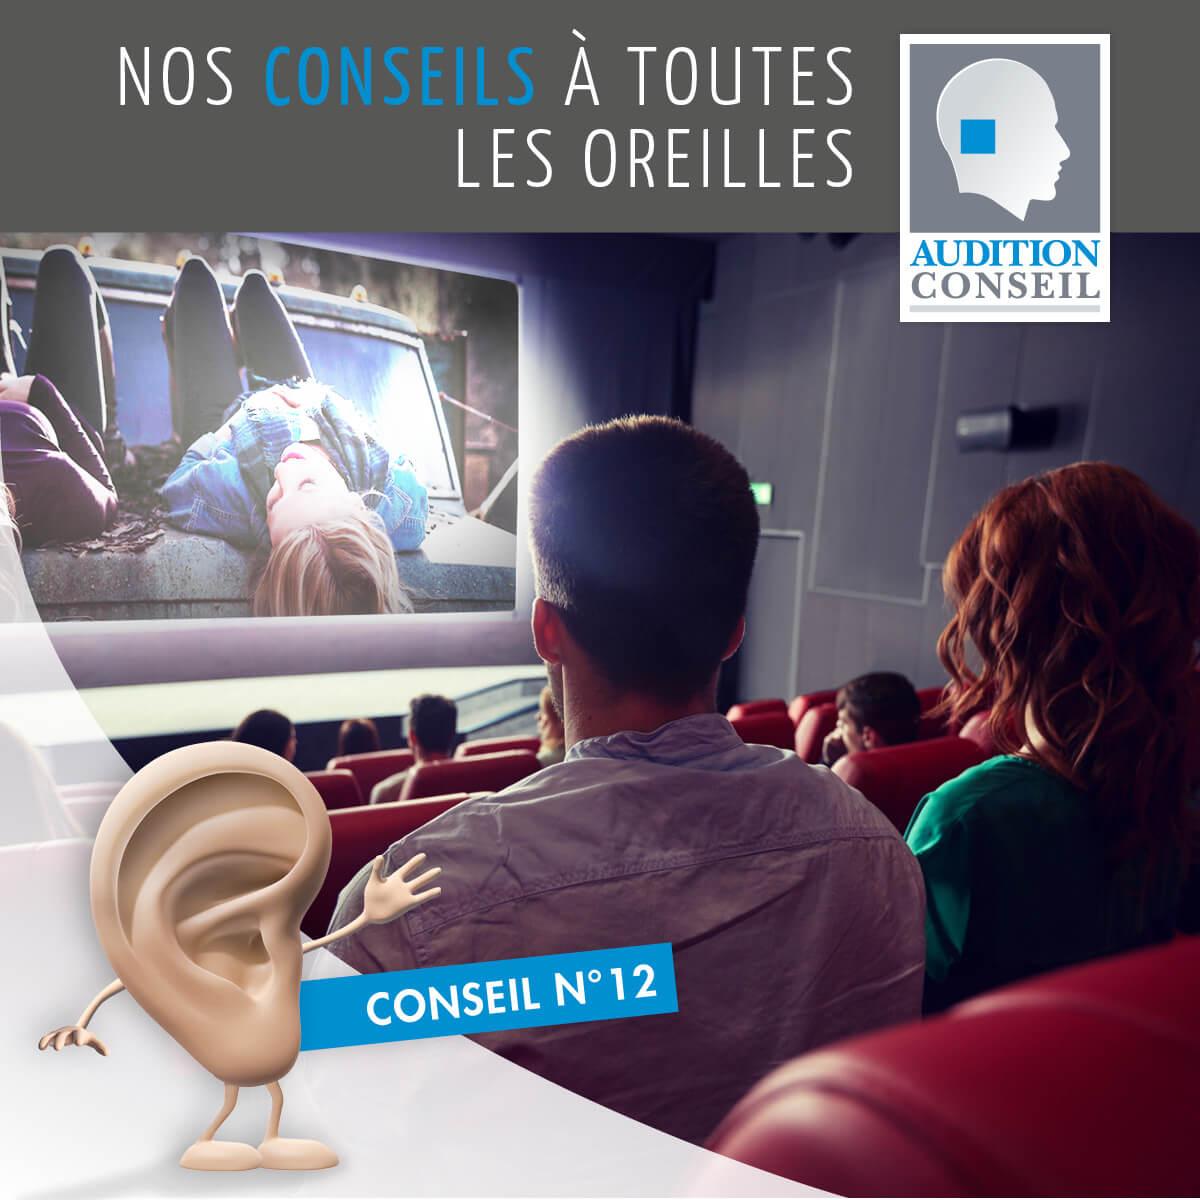 Conseils_a_toutes_les_oreilles_12